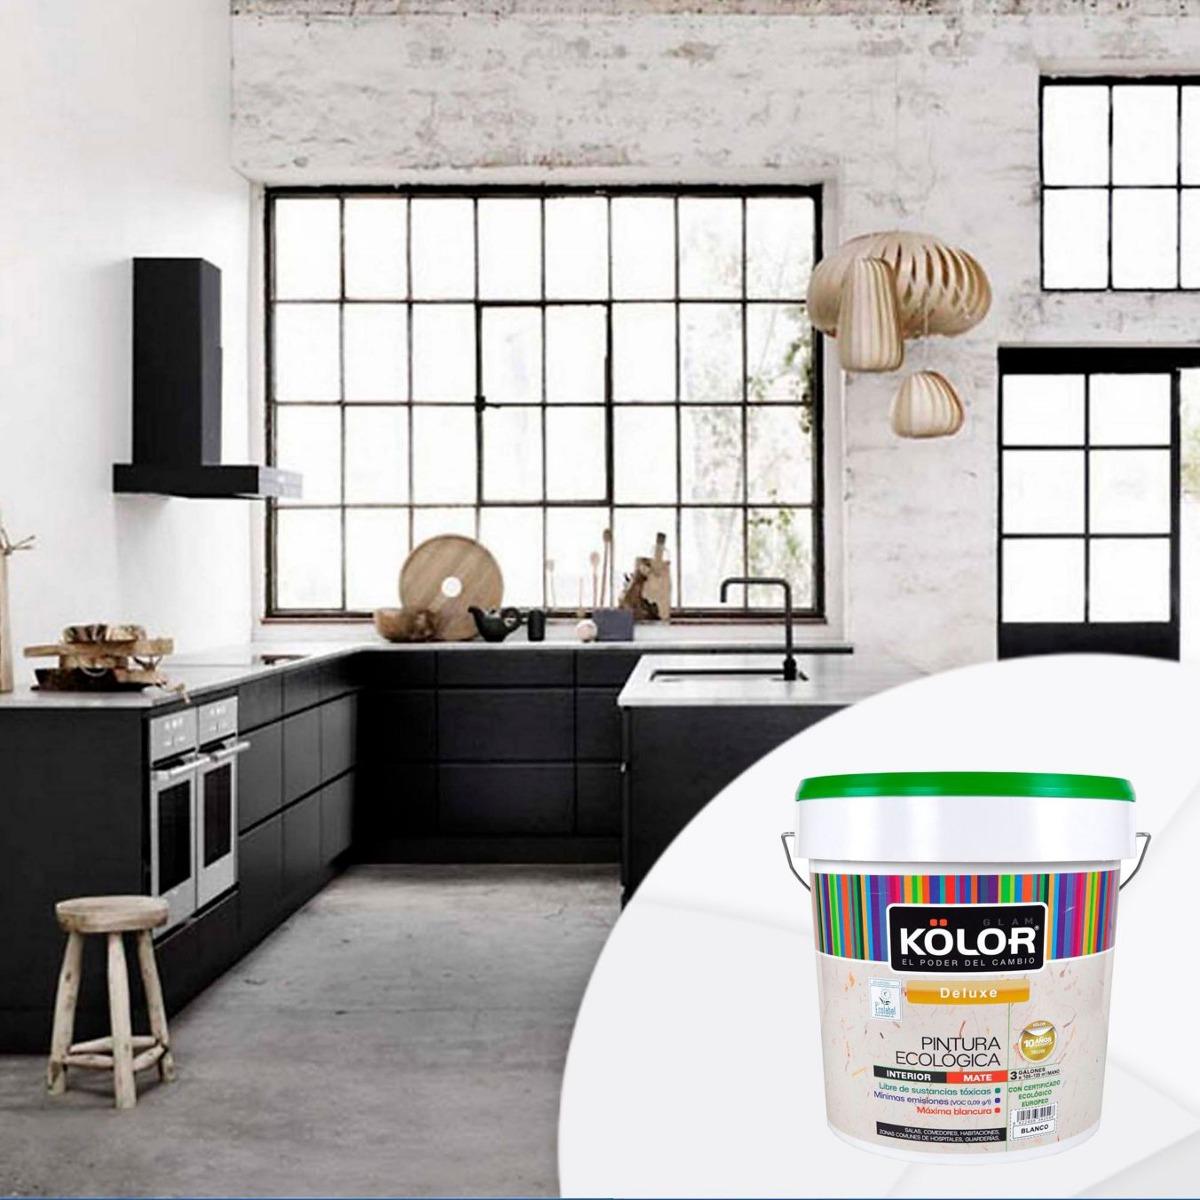 Ktr-h Kolor Pintura Ecológica Blanco 3 Galones Kolor - $ 279.000 en ...